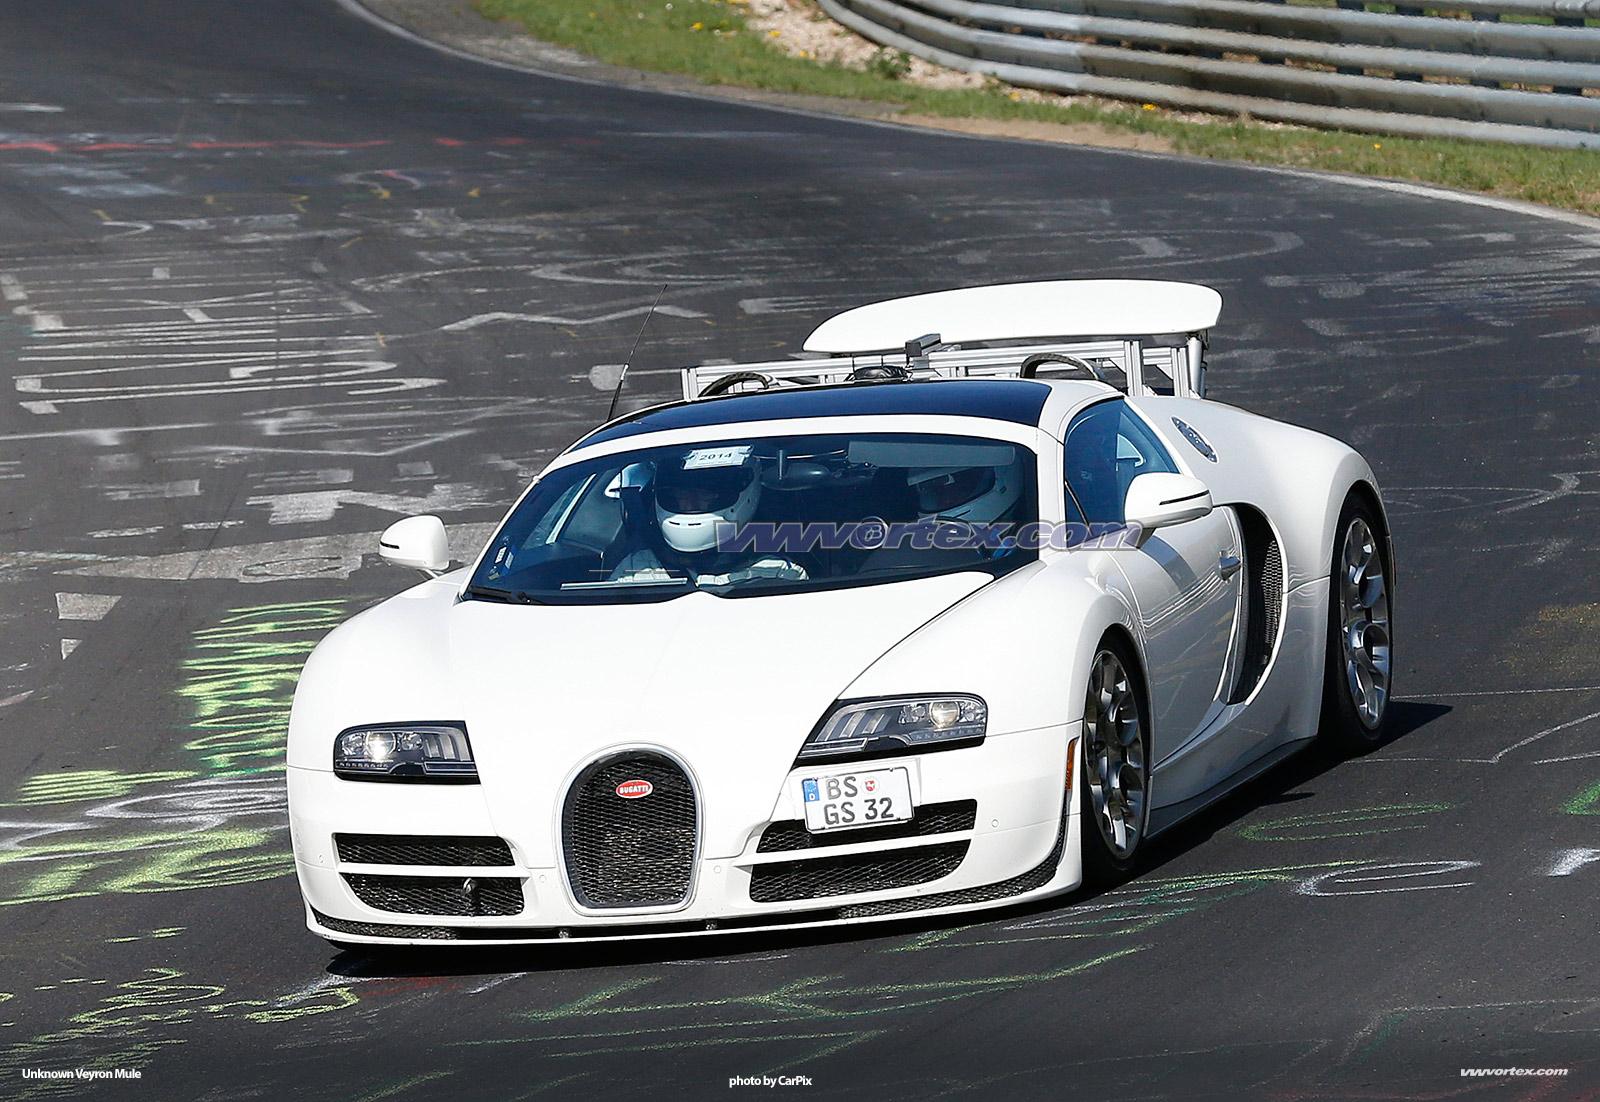 bugatti-veyron-mules-362